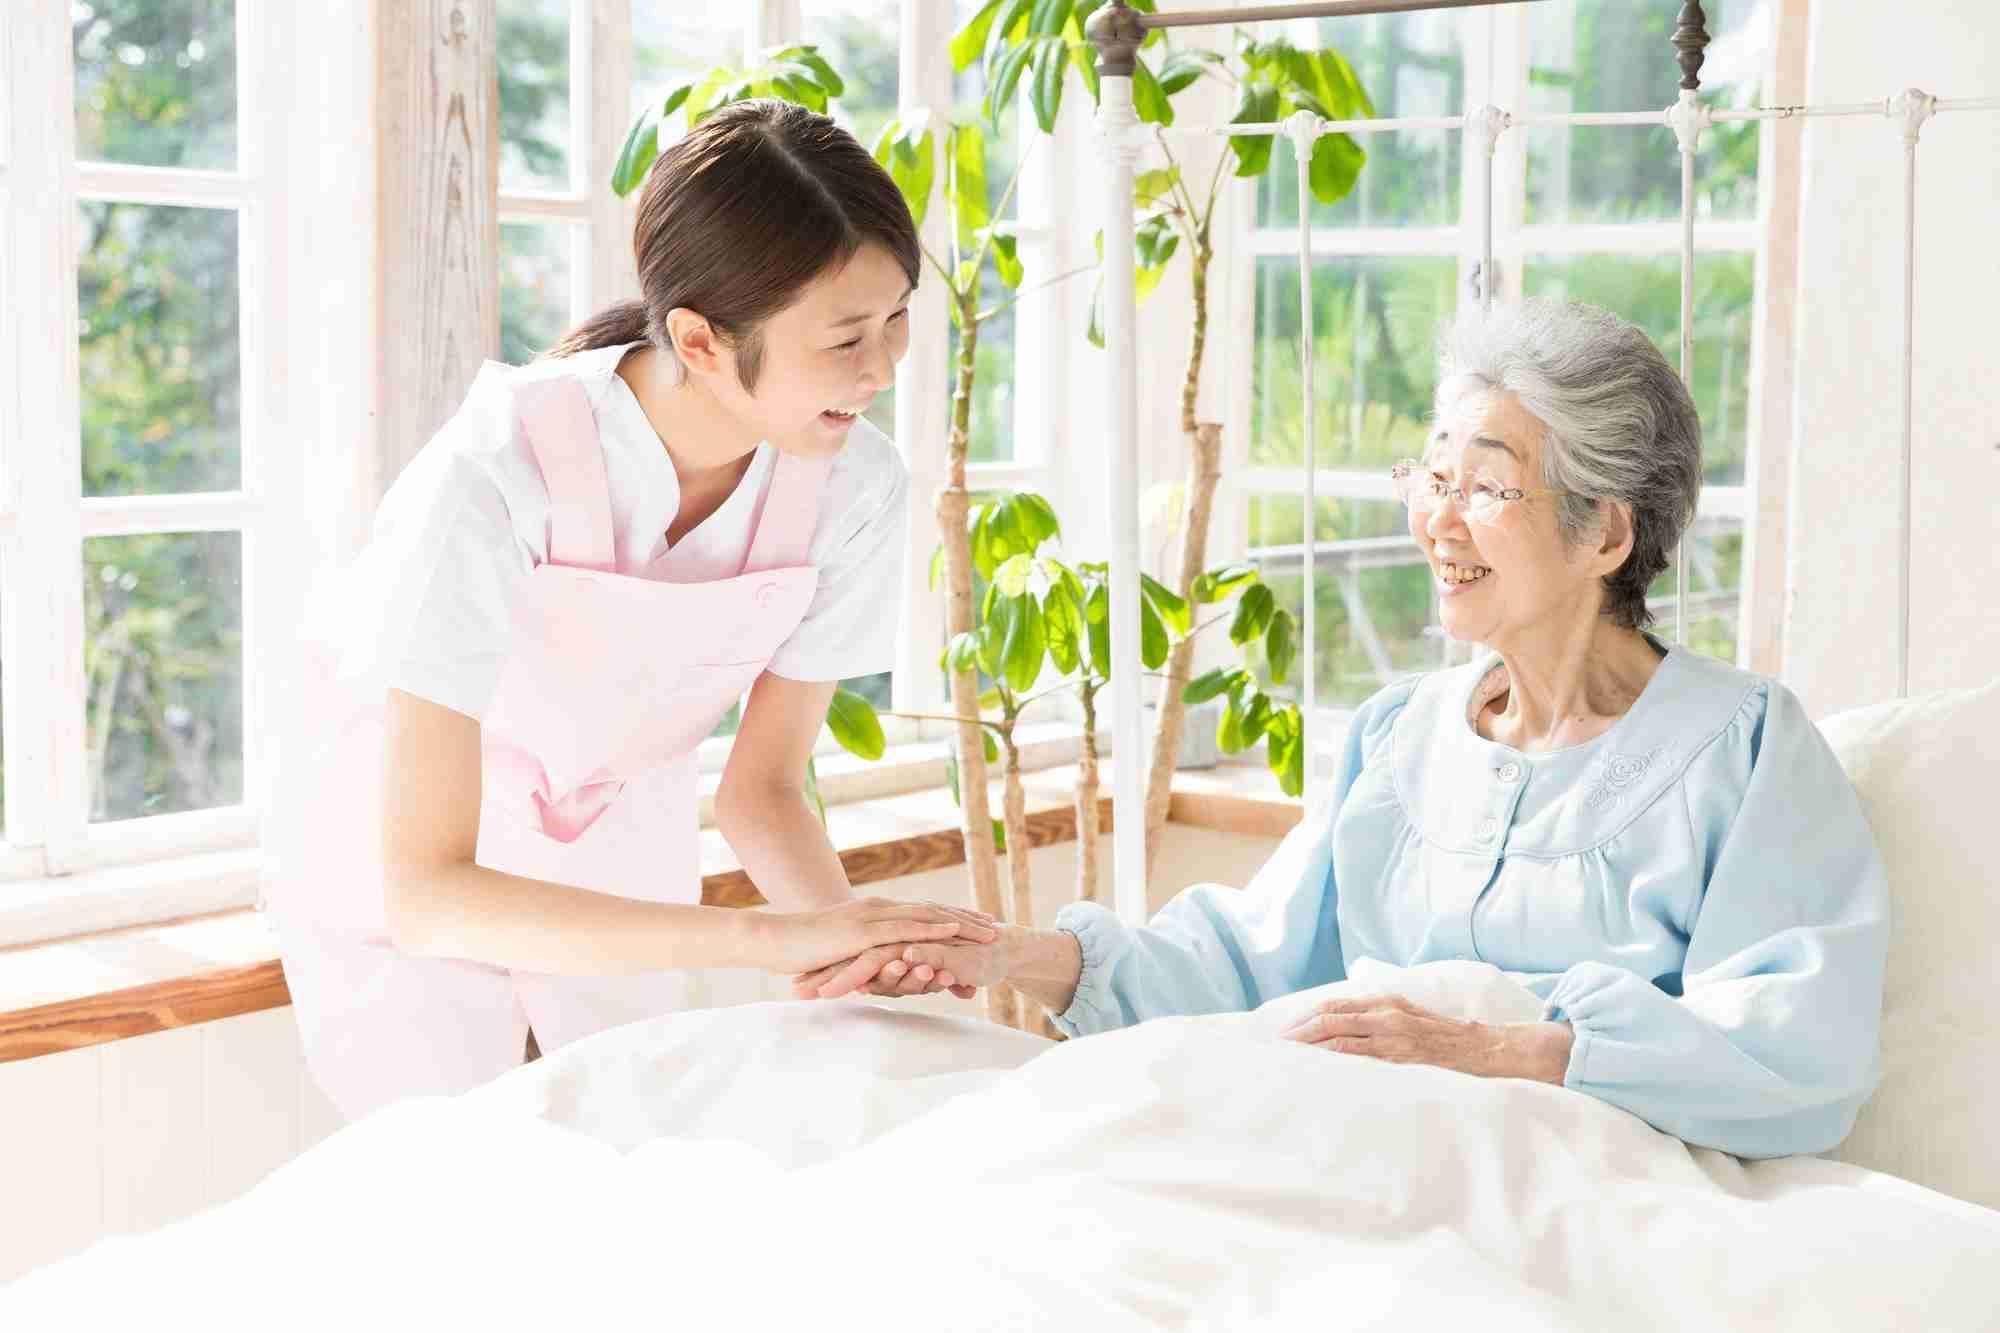 家族と親の介護や老後のこと話していますか?